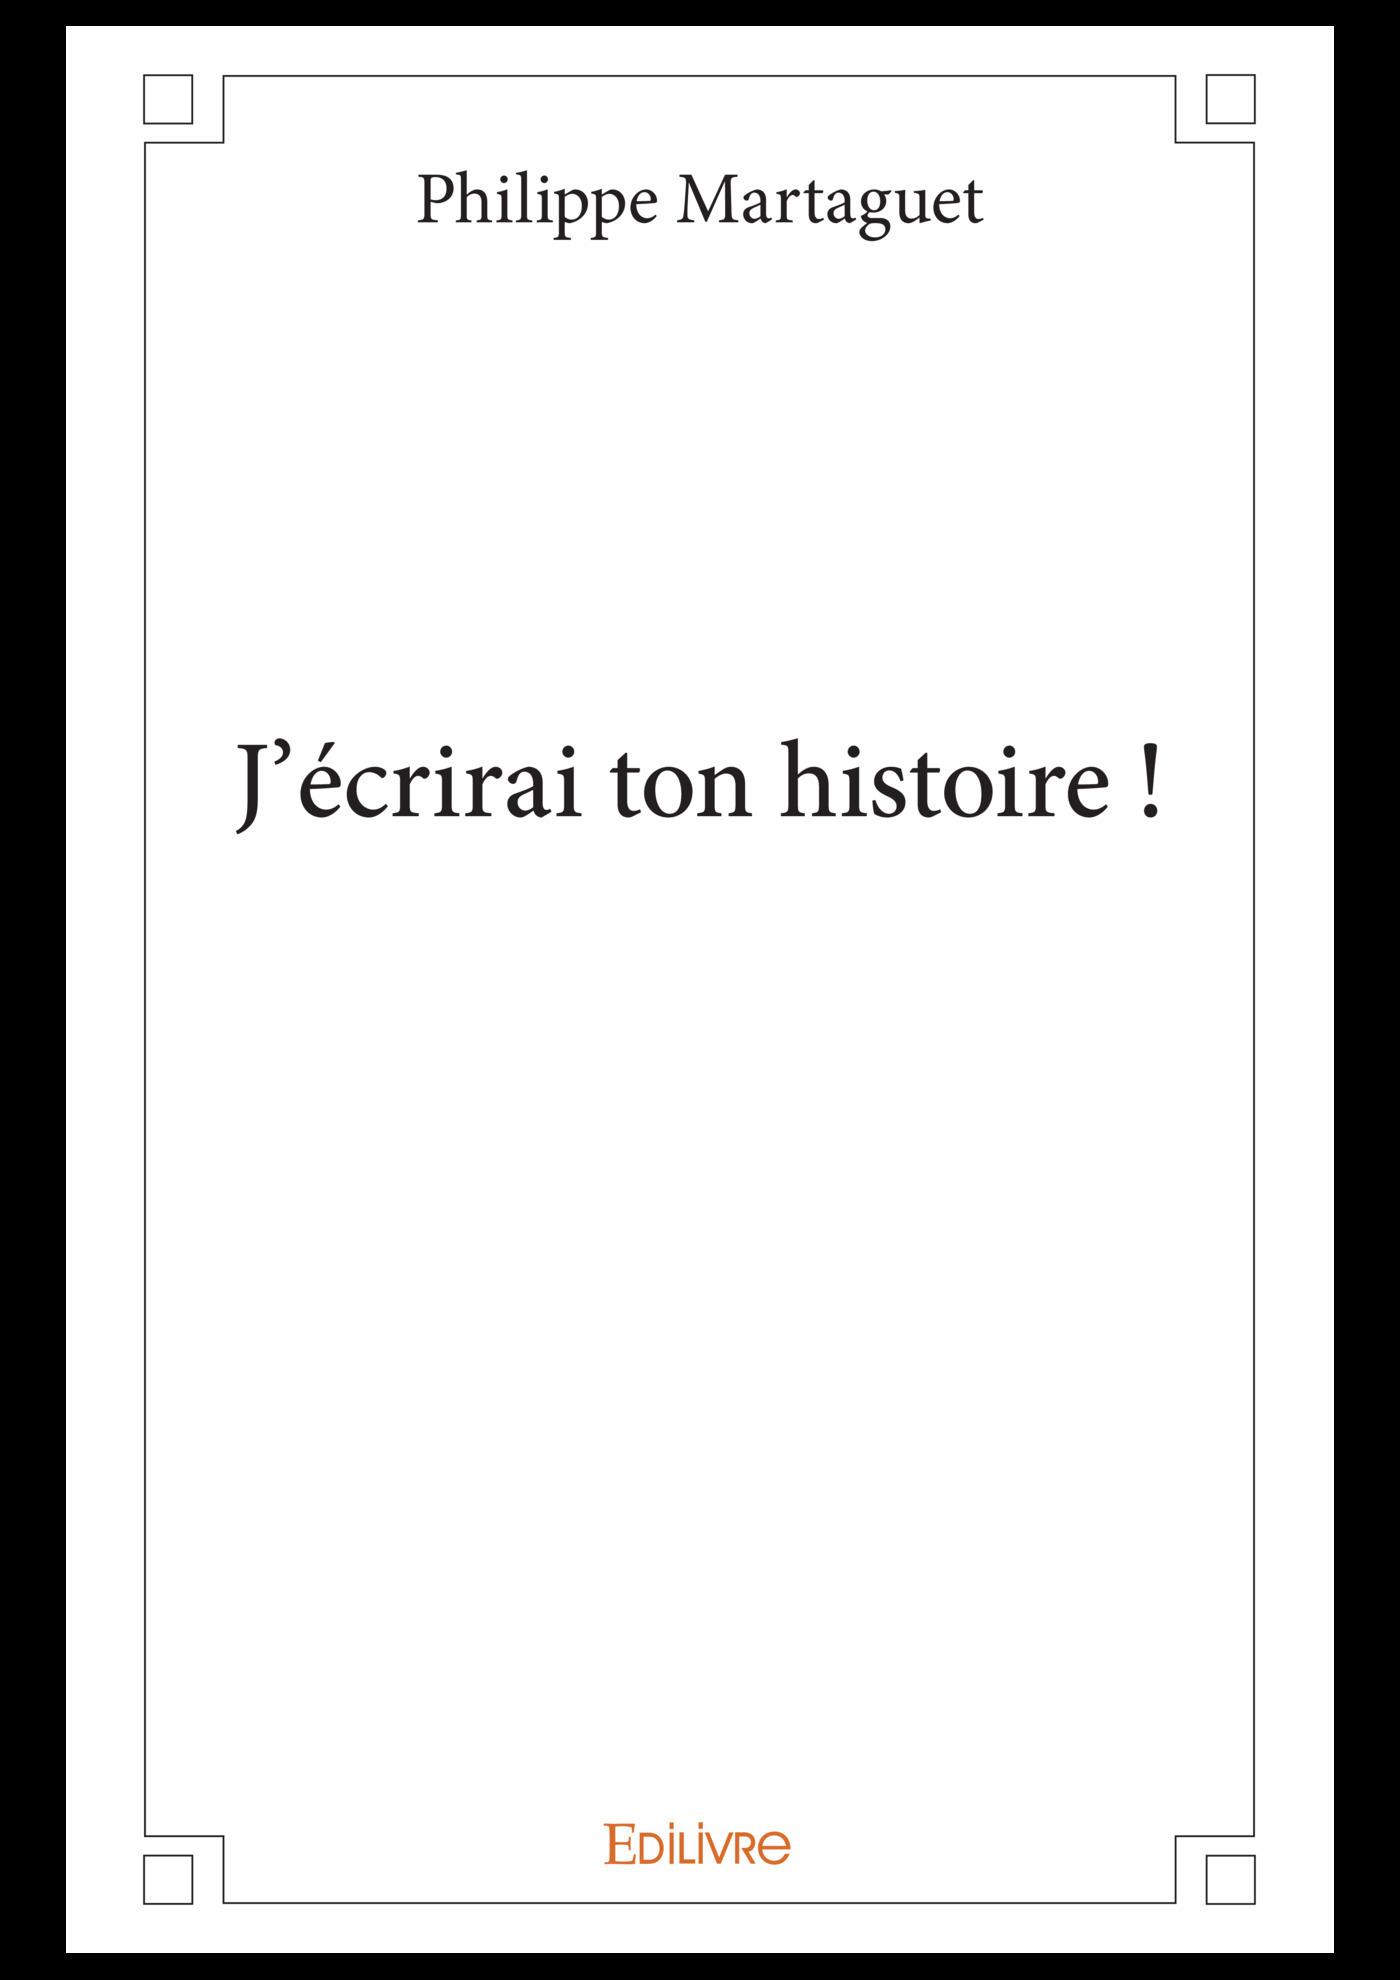 J'écrirai ton histoire !  - Philippe Martaguet